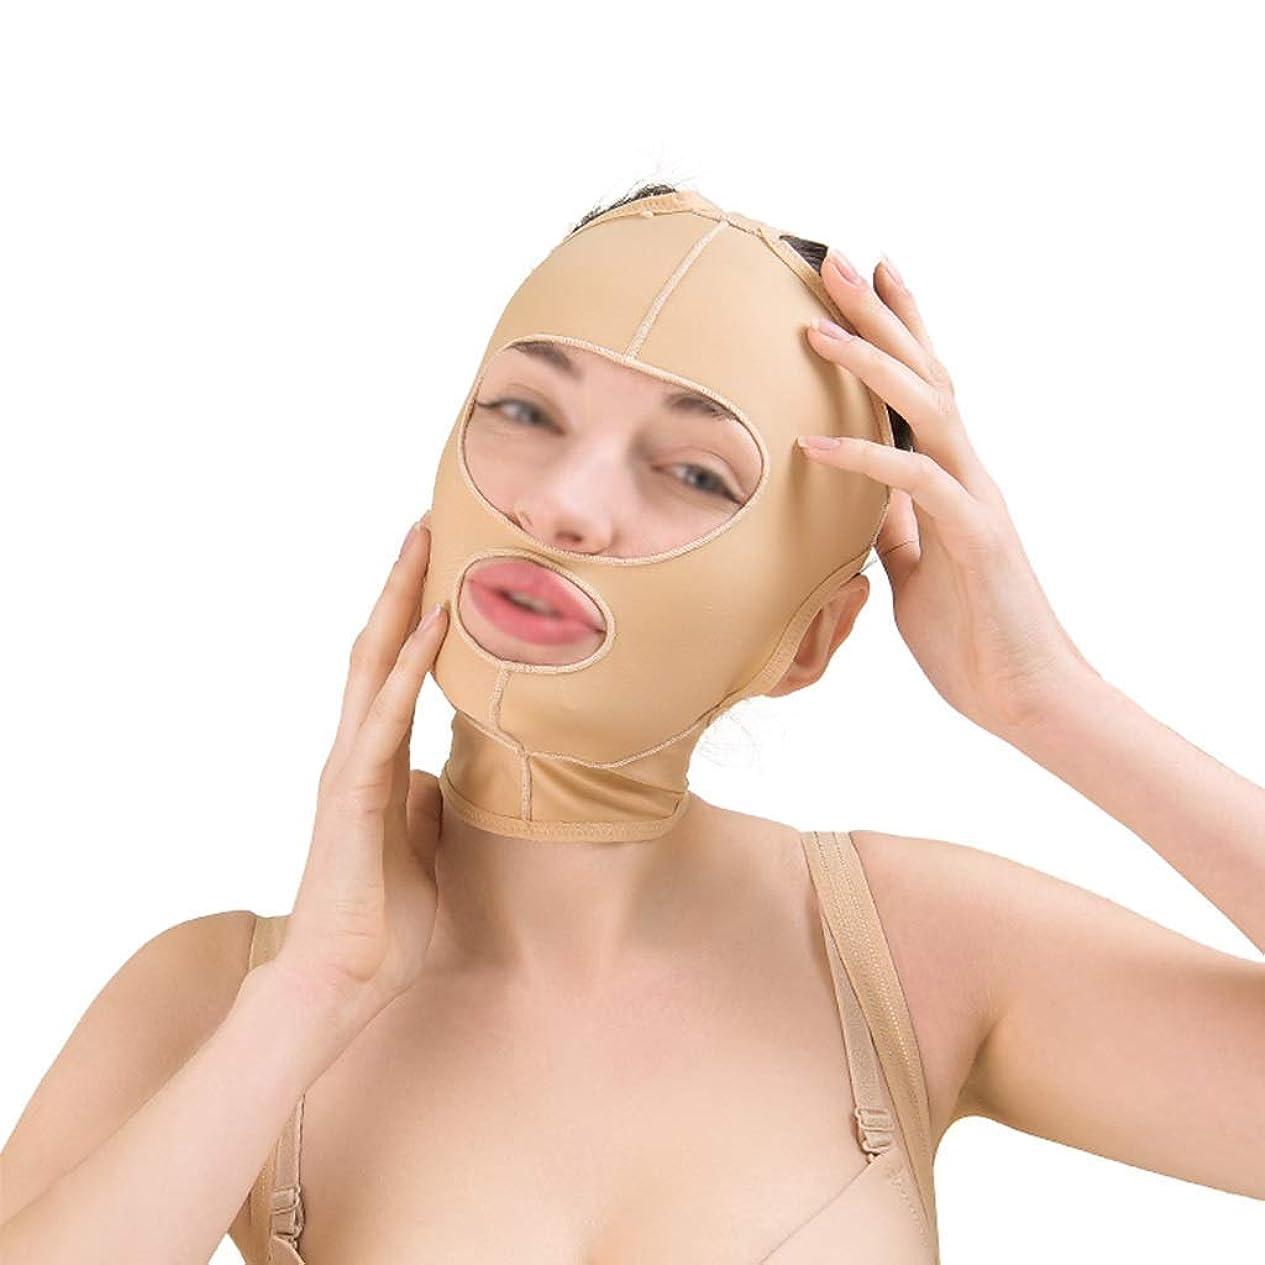 ぴかぴか光ワイヤー美容フェイスリフト減量ベルト、ほおスリムフィット、通気性フェイスリフト、引き締め、リフティング包帯、フェイシャルスキン包帯(サイズ:M),S